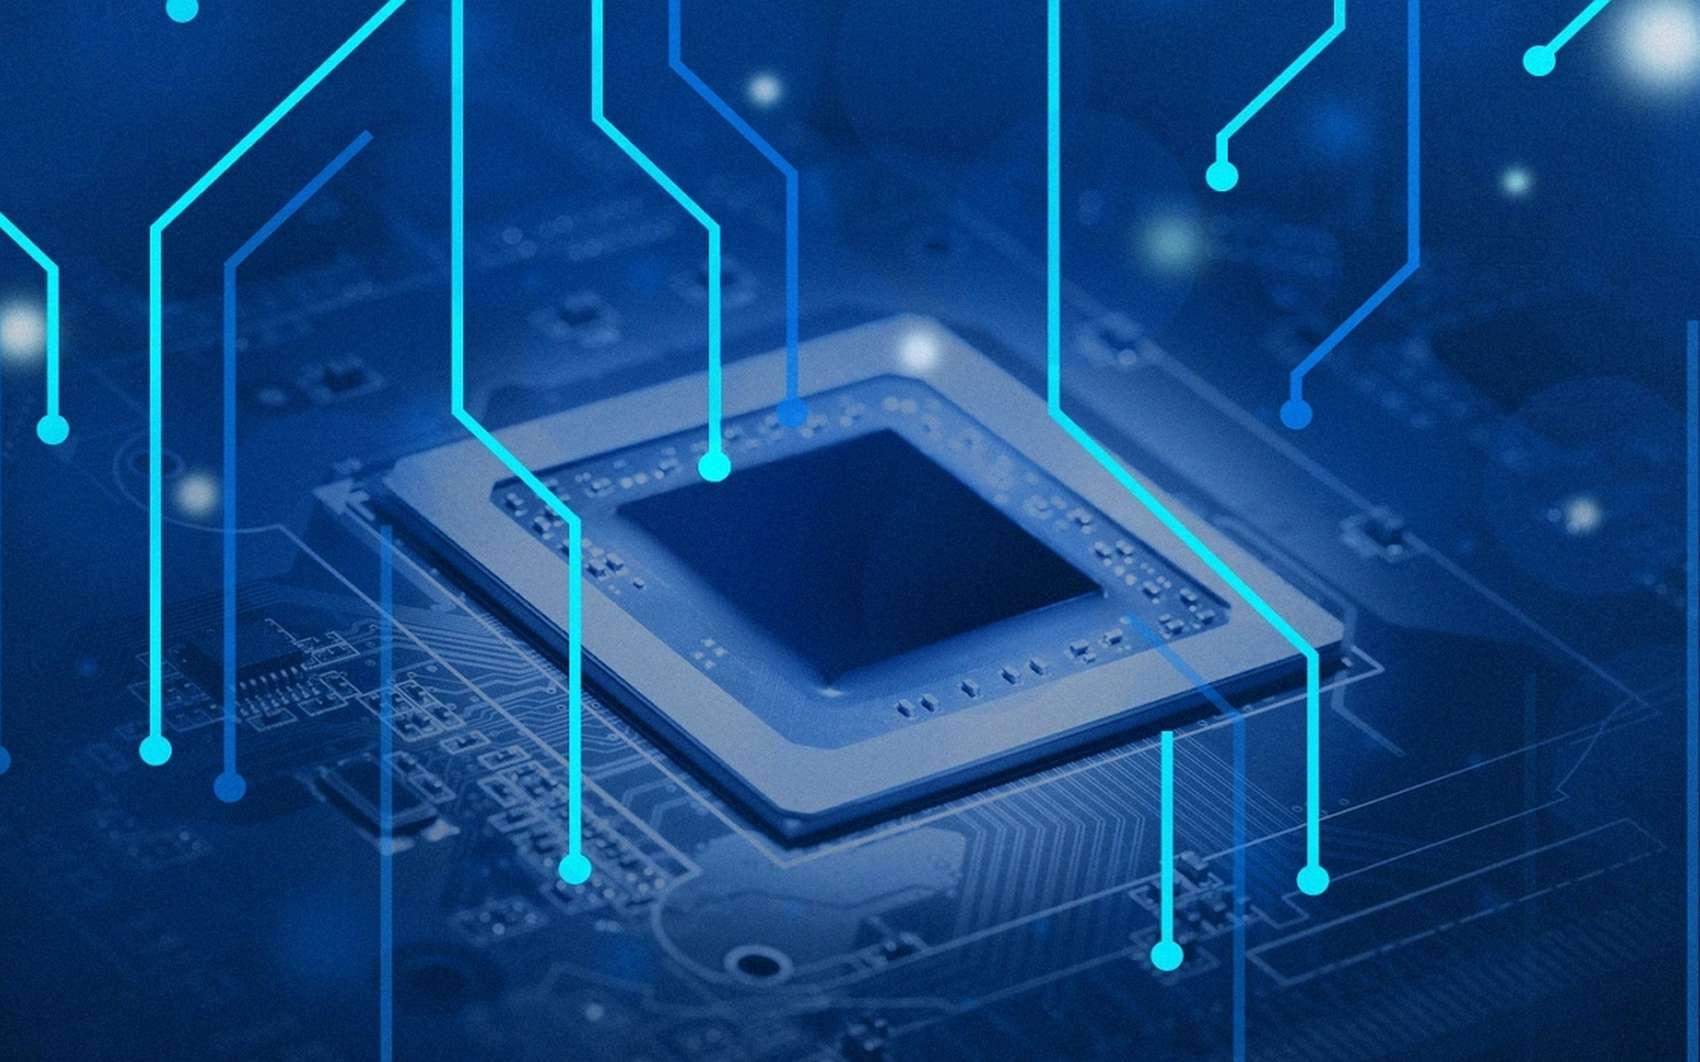 Une commutation est une technique de transfert de données entre deux ordinateurs connectés par un réseau © Pixabay